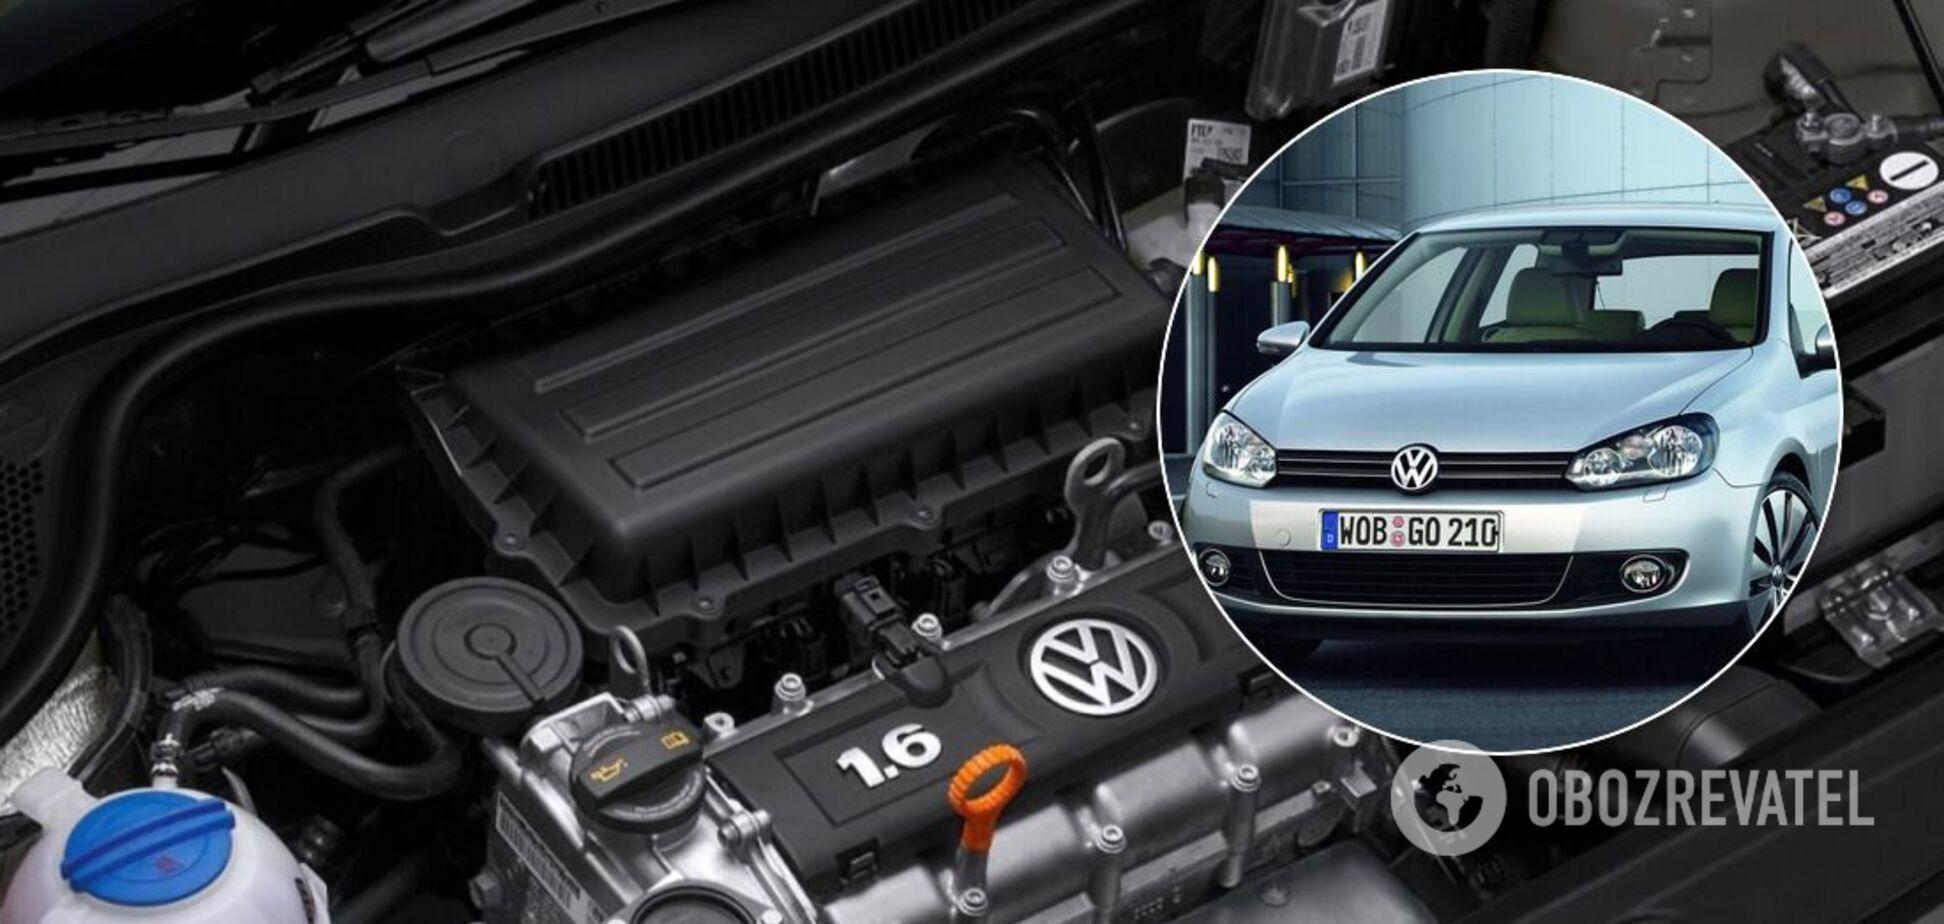 9 автомобильных двигателей, которые служат свыше 500 000 км